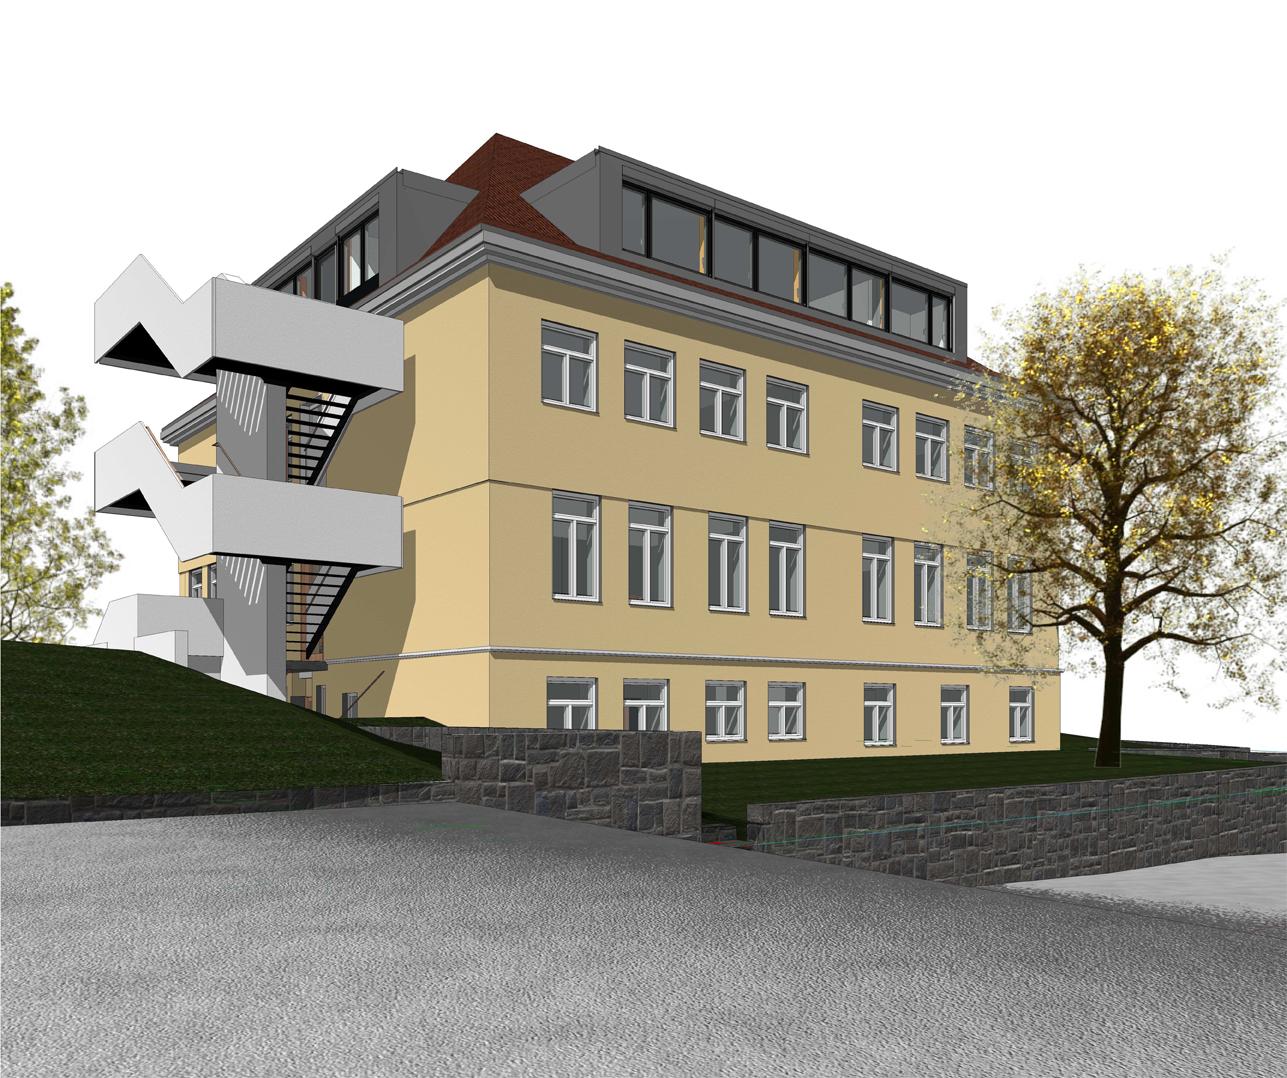 180212_ Ev-Schule Perspektive Fluchtreppe 72dpi